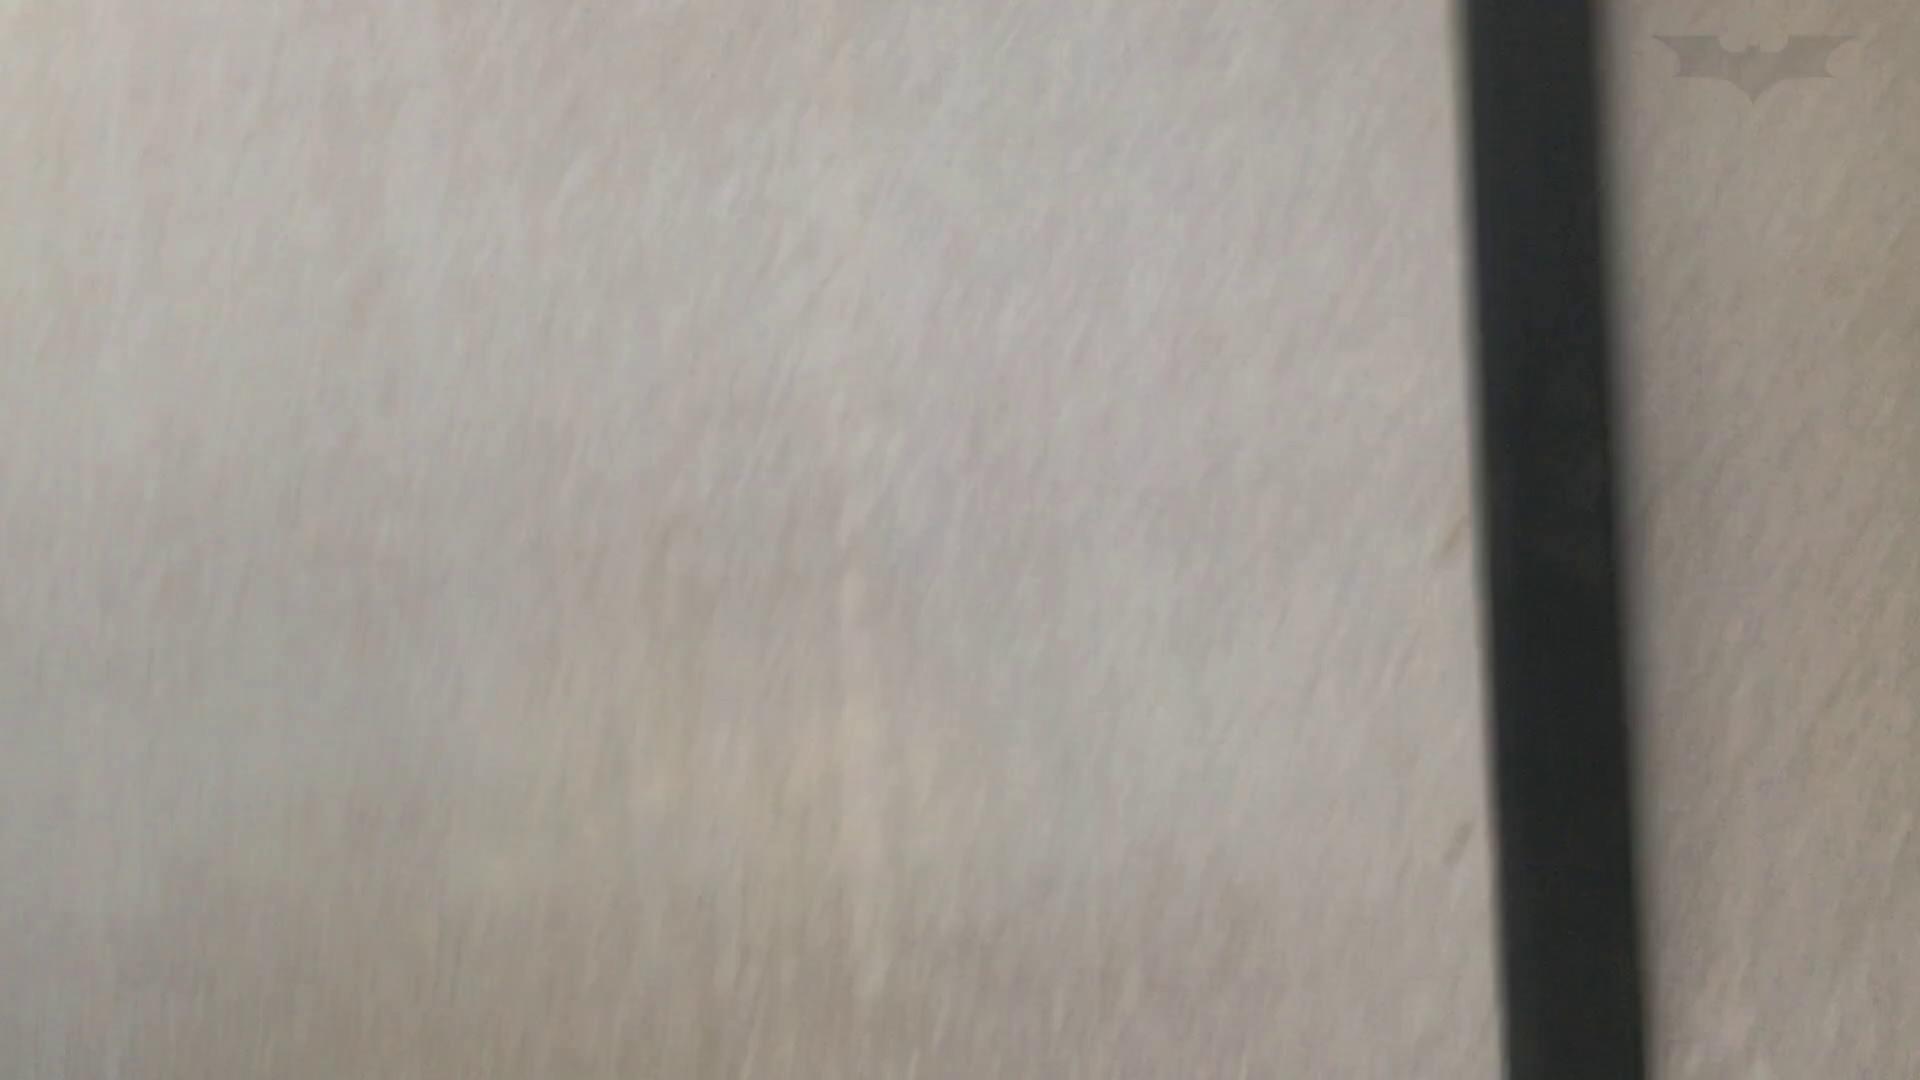 芸術大学ガチ潜入盗撮 JD盗撮 美女の洗面所の秘密 Vol.81 細身体型  100枚 72